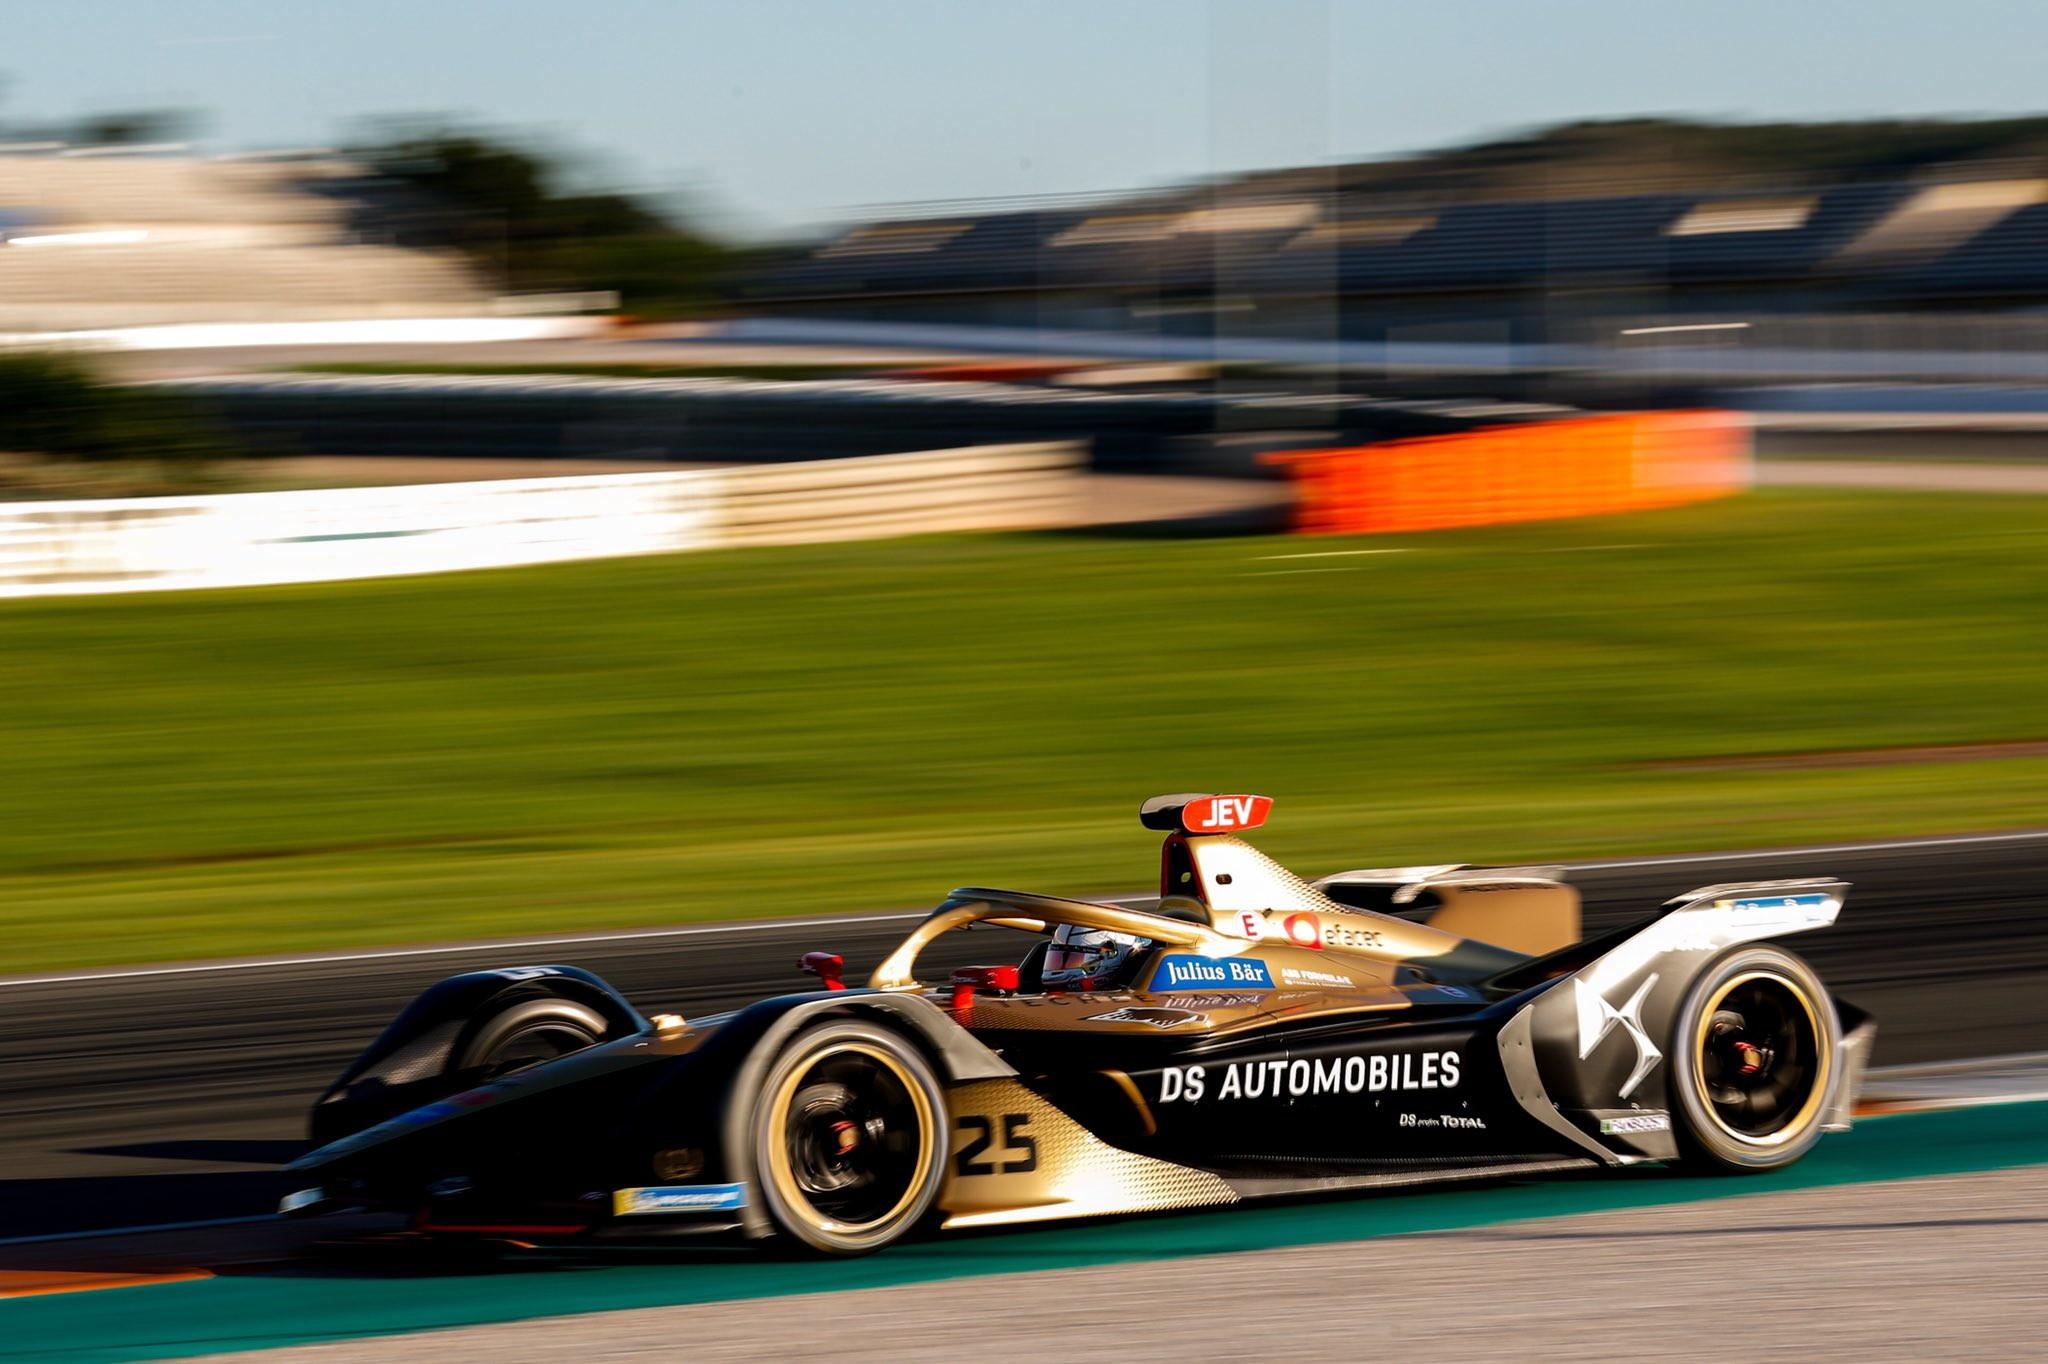 La sesta stagione di Formula E &egrave; partita con i tradizionali test pre-stagionali a Valencia (subito incidente per Calado): debuttano Porsche e Mercedes, &egrave; partita la caccia a Vergne che vince da due anni consecutivi il titolo.<br /><br />